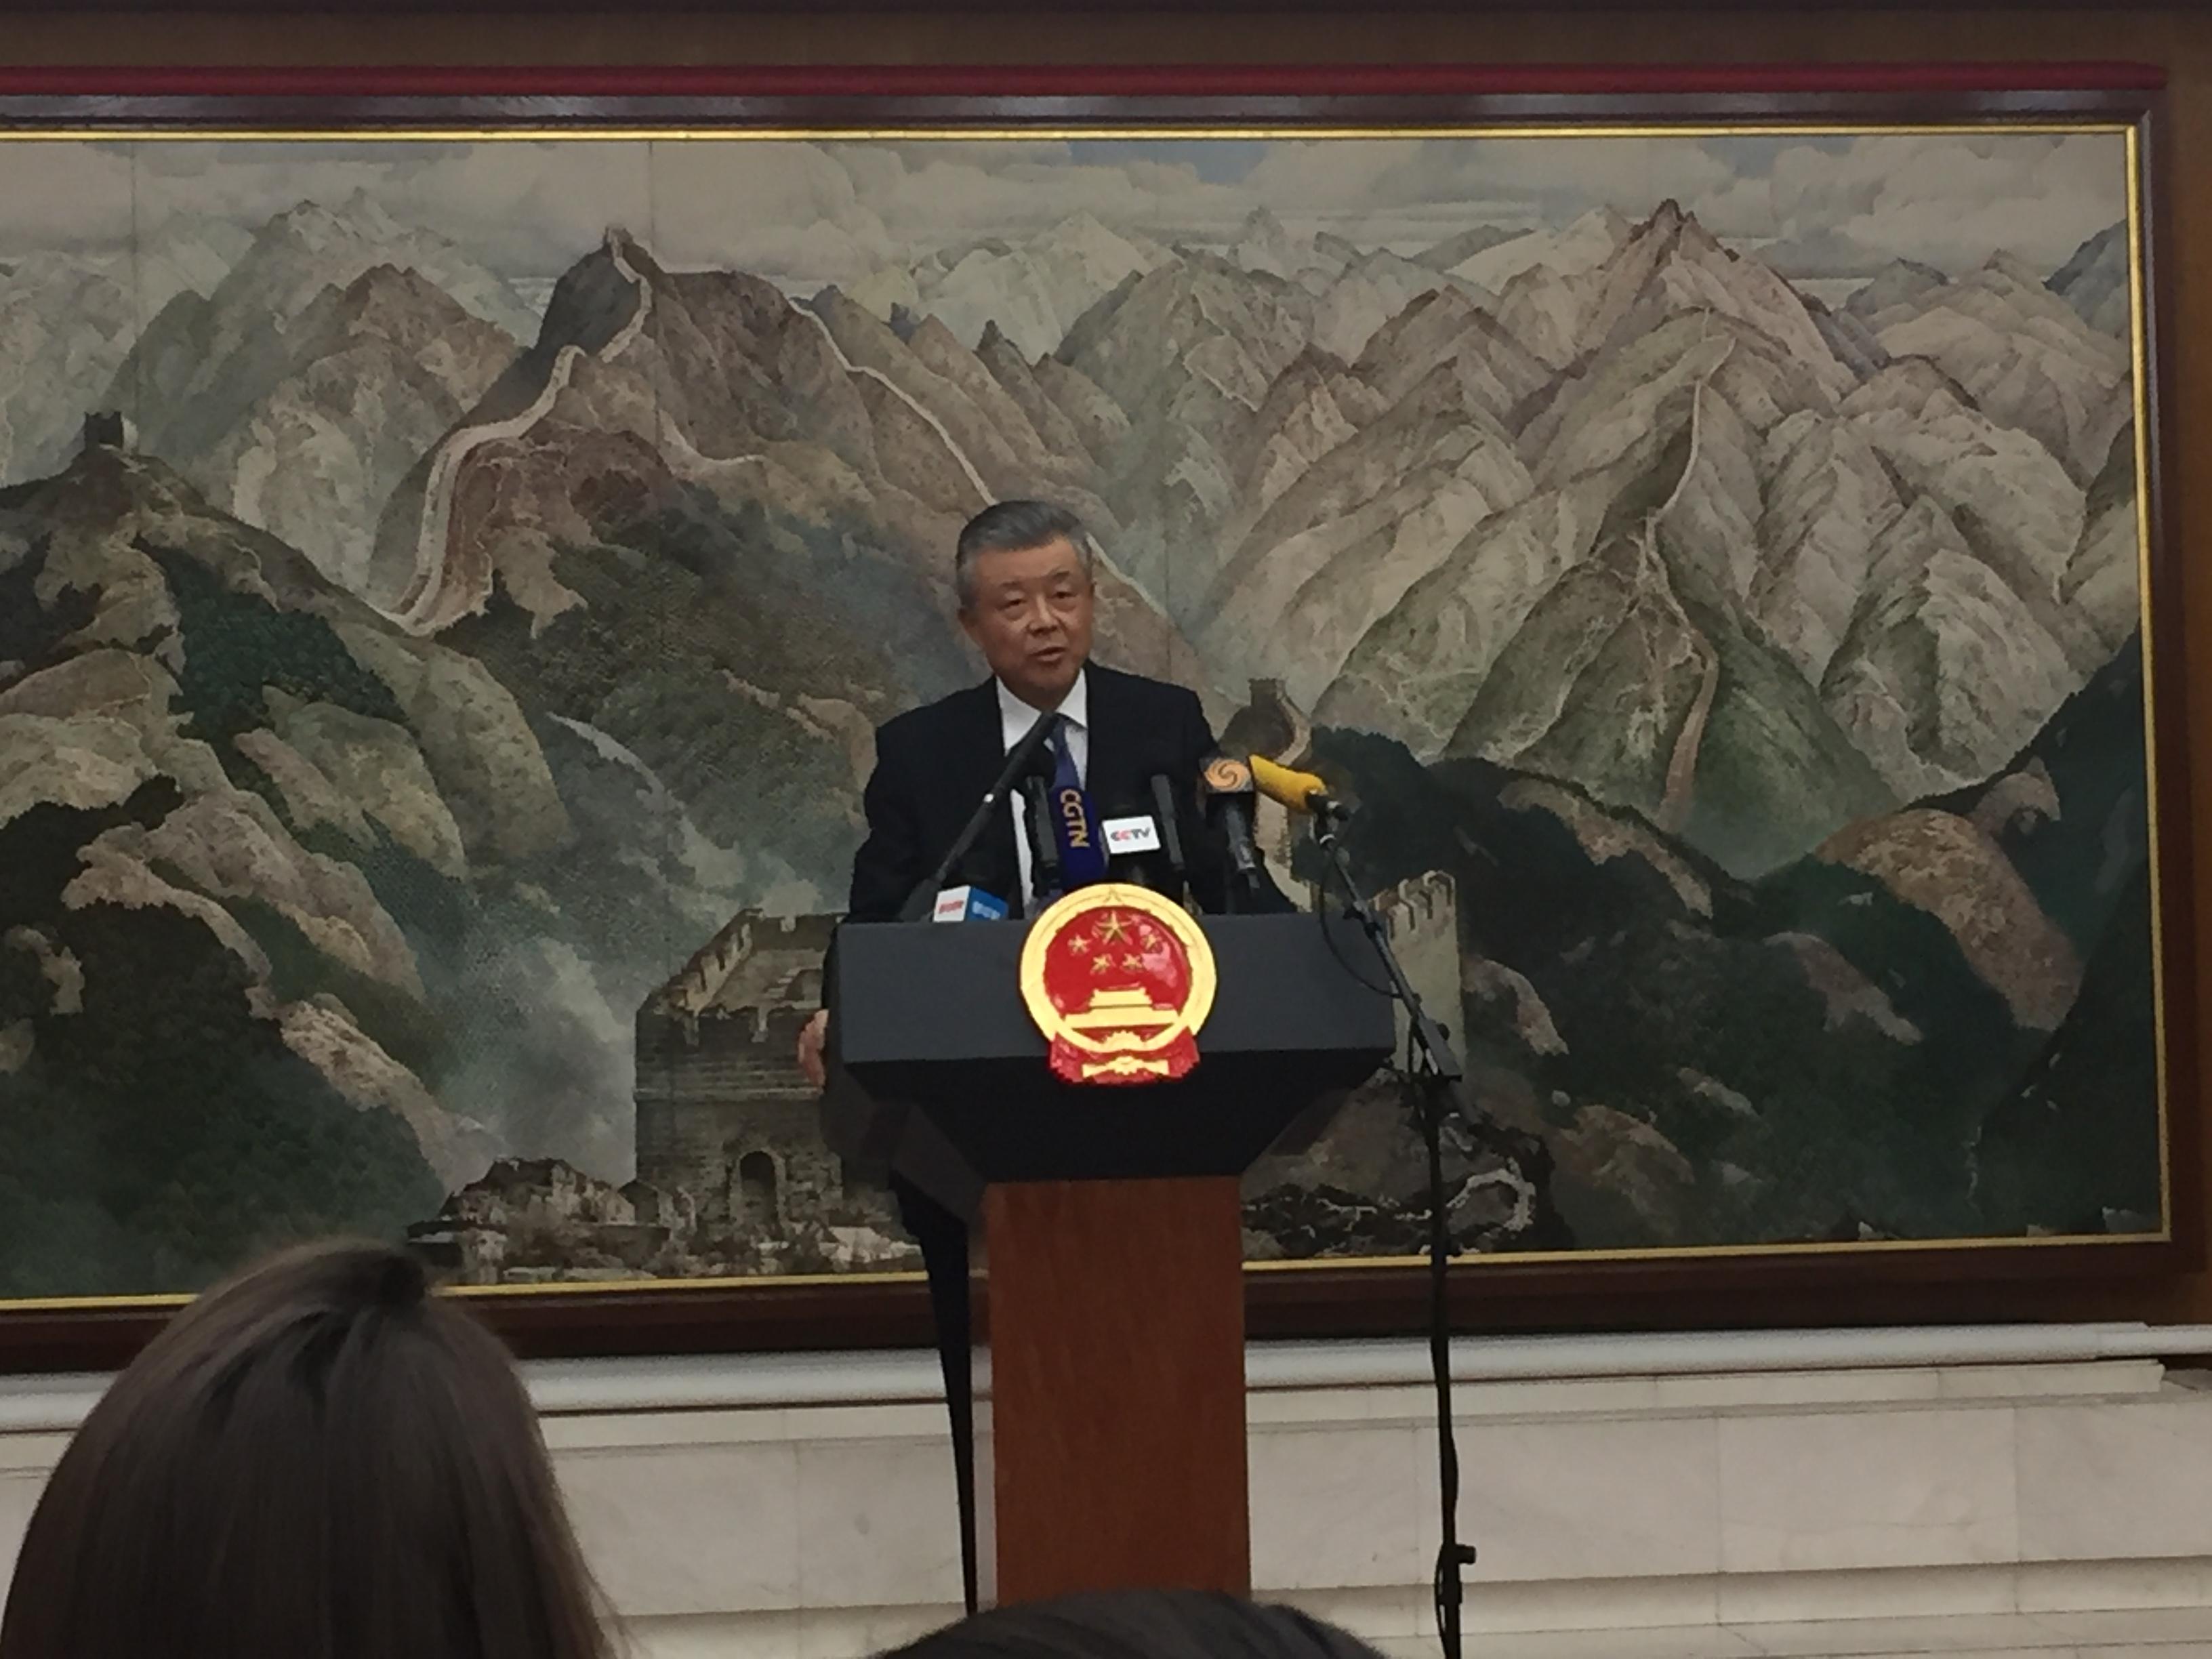 刘晓明大使在7月3日举行的中外记者招待会上就香港问题阐述中方立场。 科技日报 图